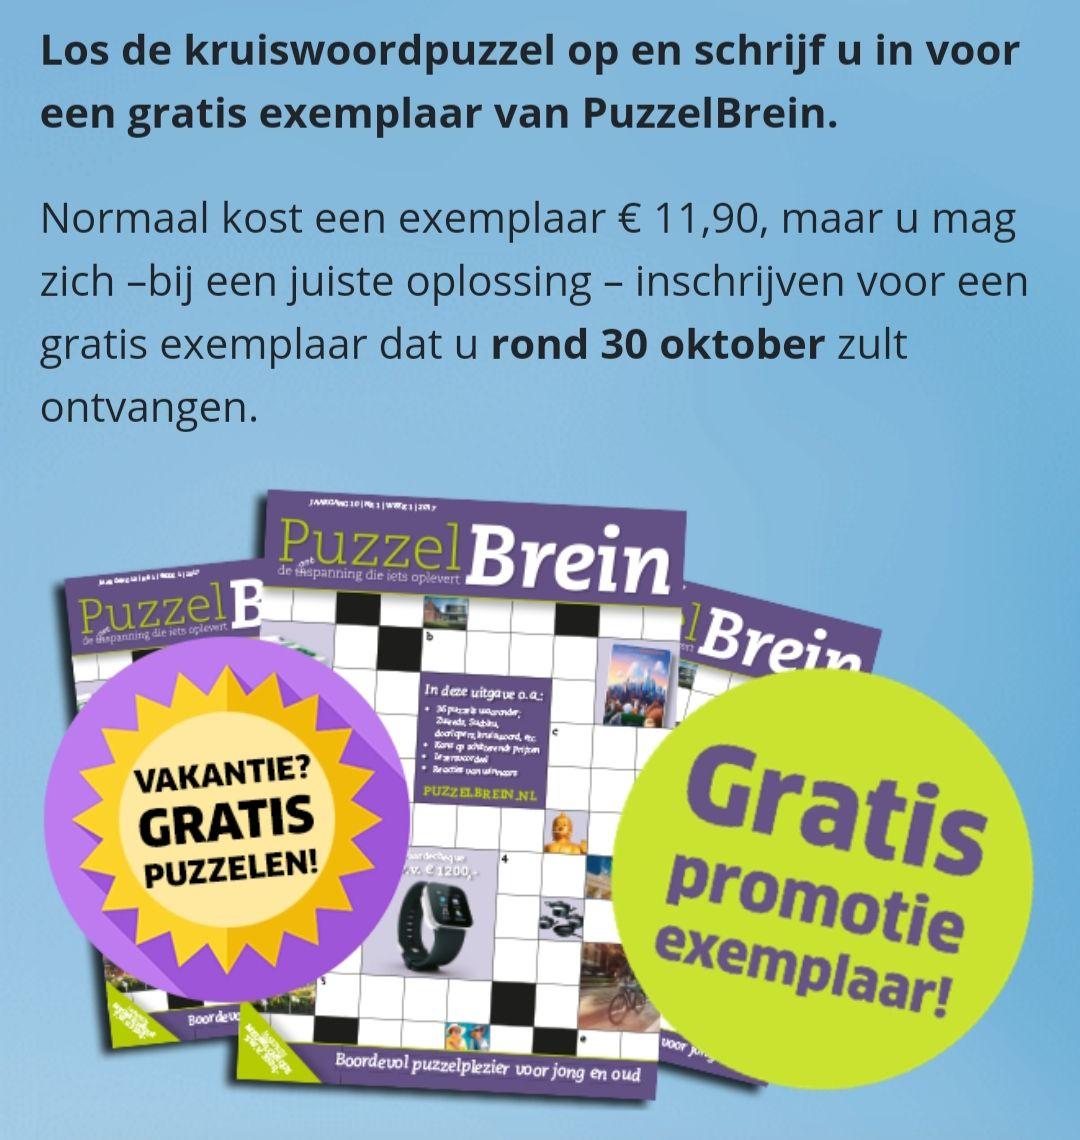 Gratis puzzel BREIN exemplaar t.w.v €11.90